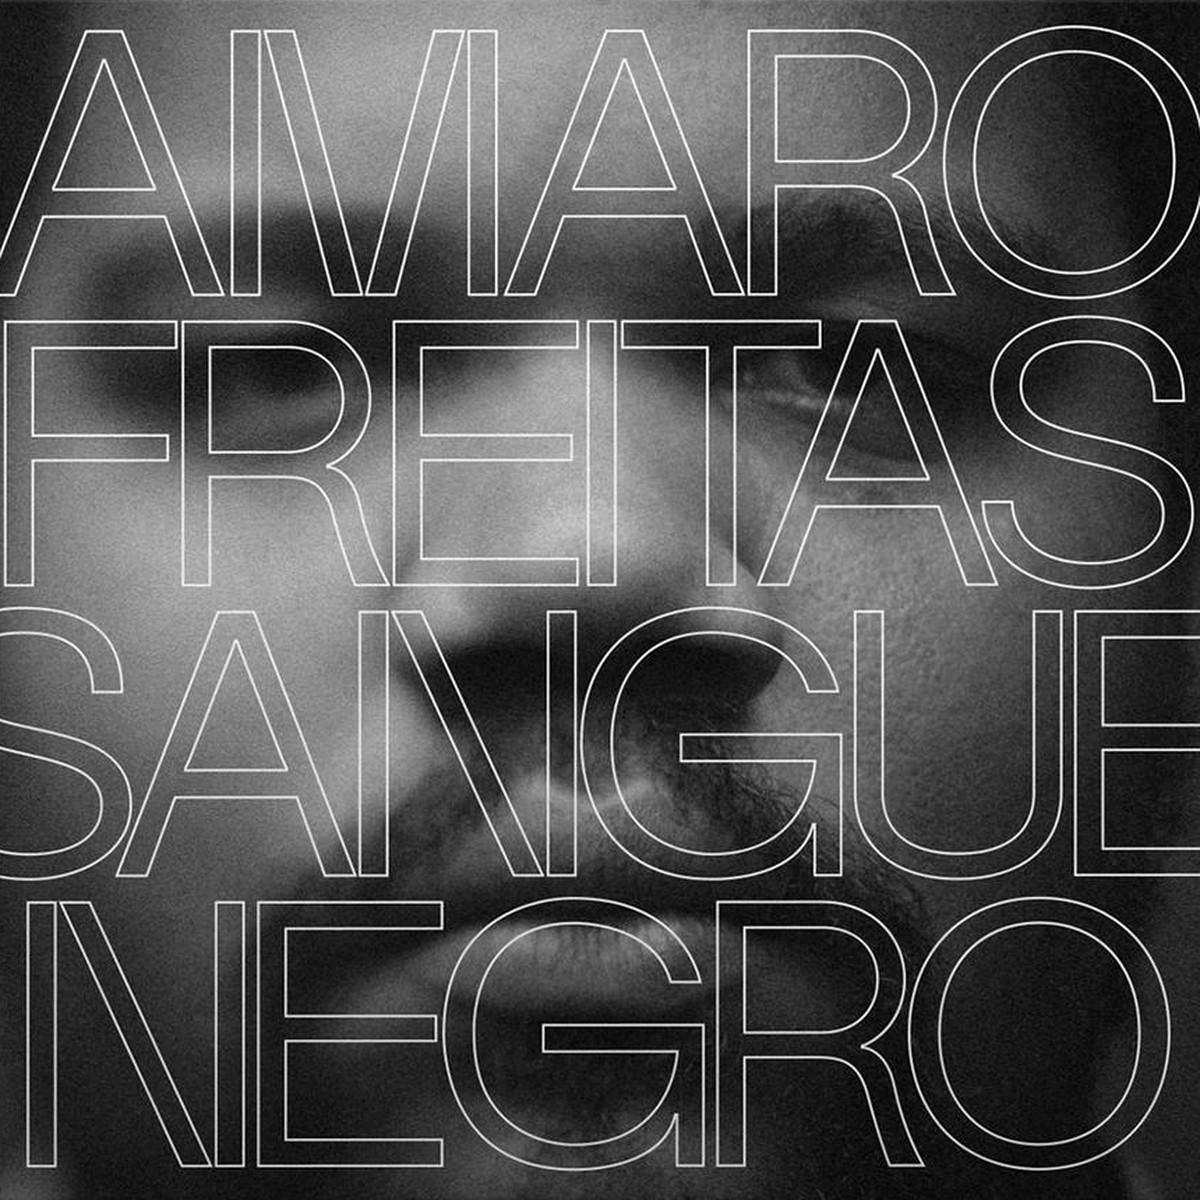 'Sangue negro', álbum que bombeou o jazz de Amaro Freitas no mundo, é editado em LP com texto de Ed Motta | Blog do Mauro Ferreira